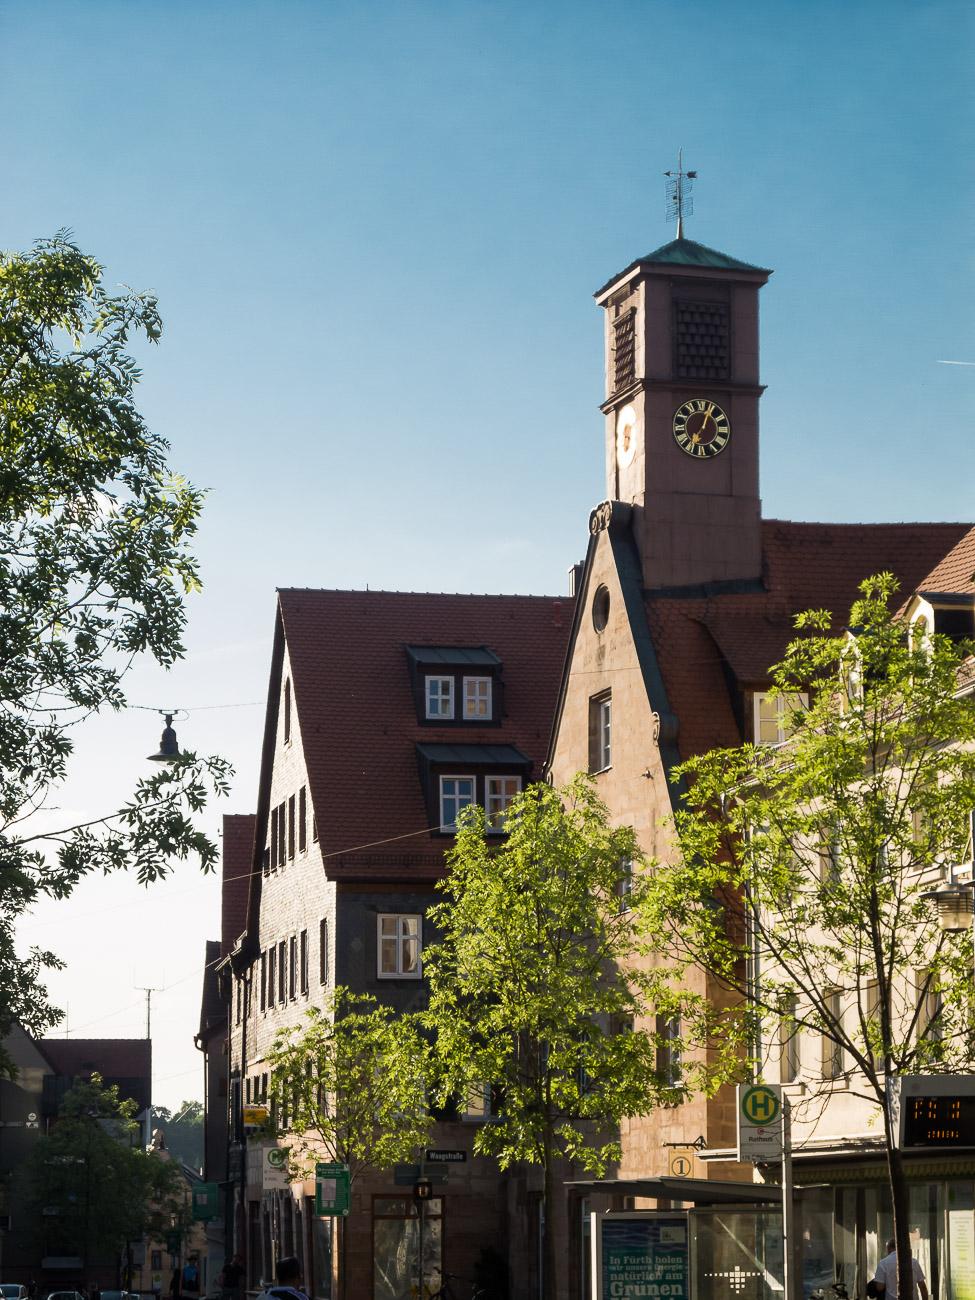 Königstraße / Waagstraße Architektur mit Türmchen